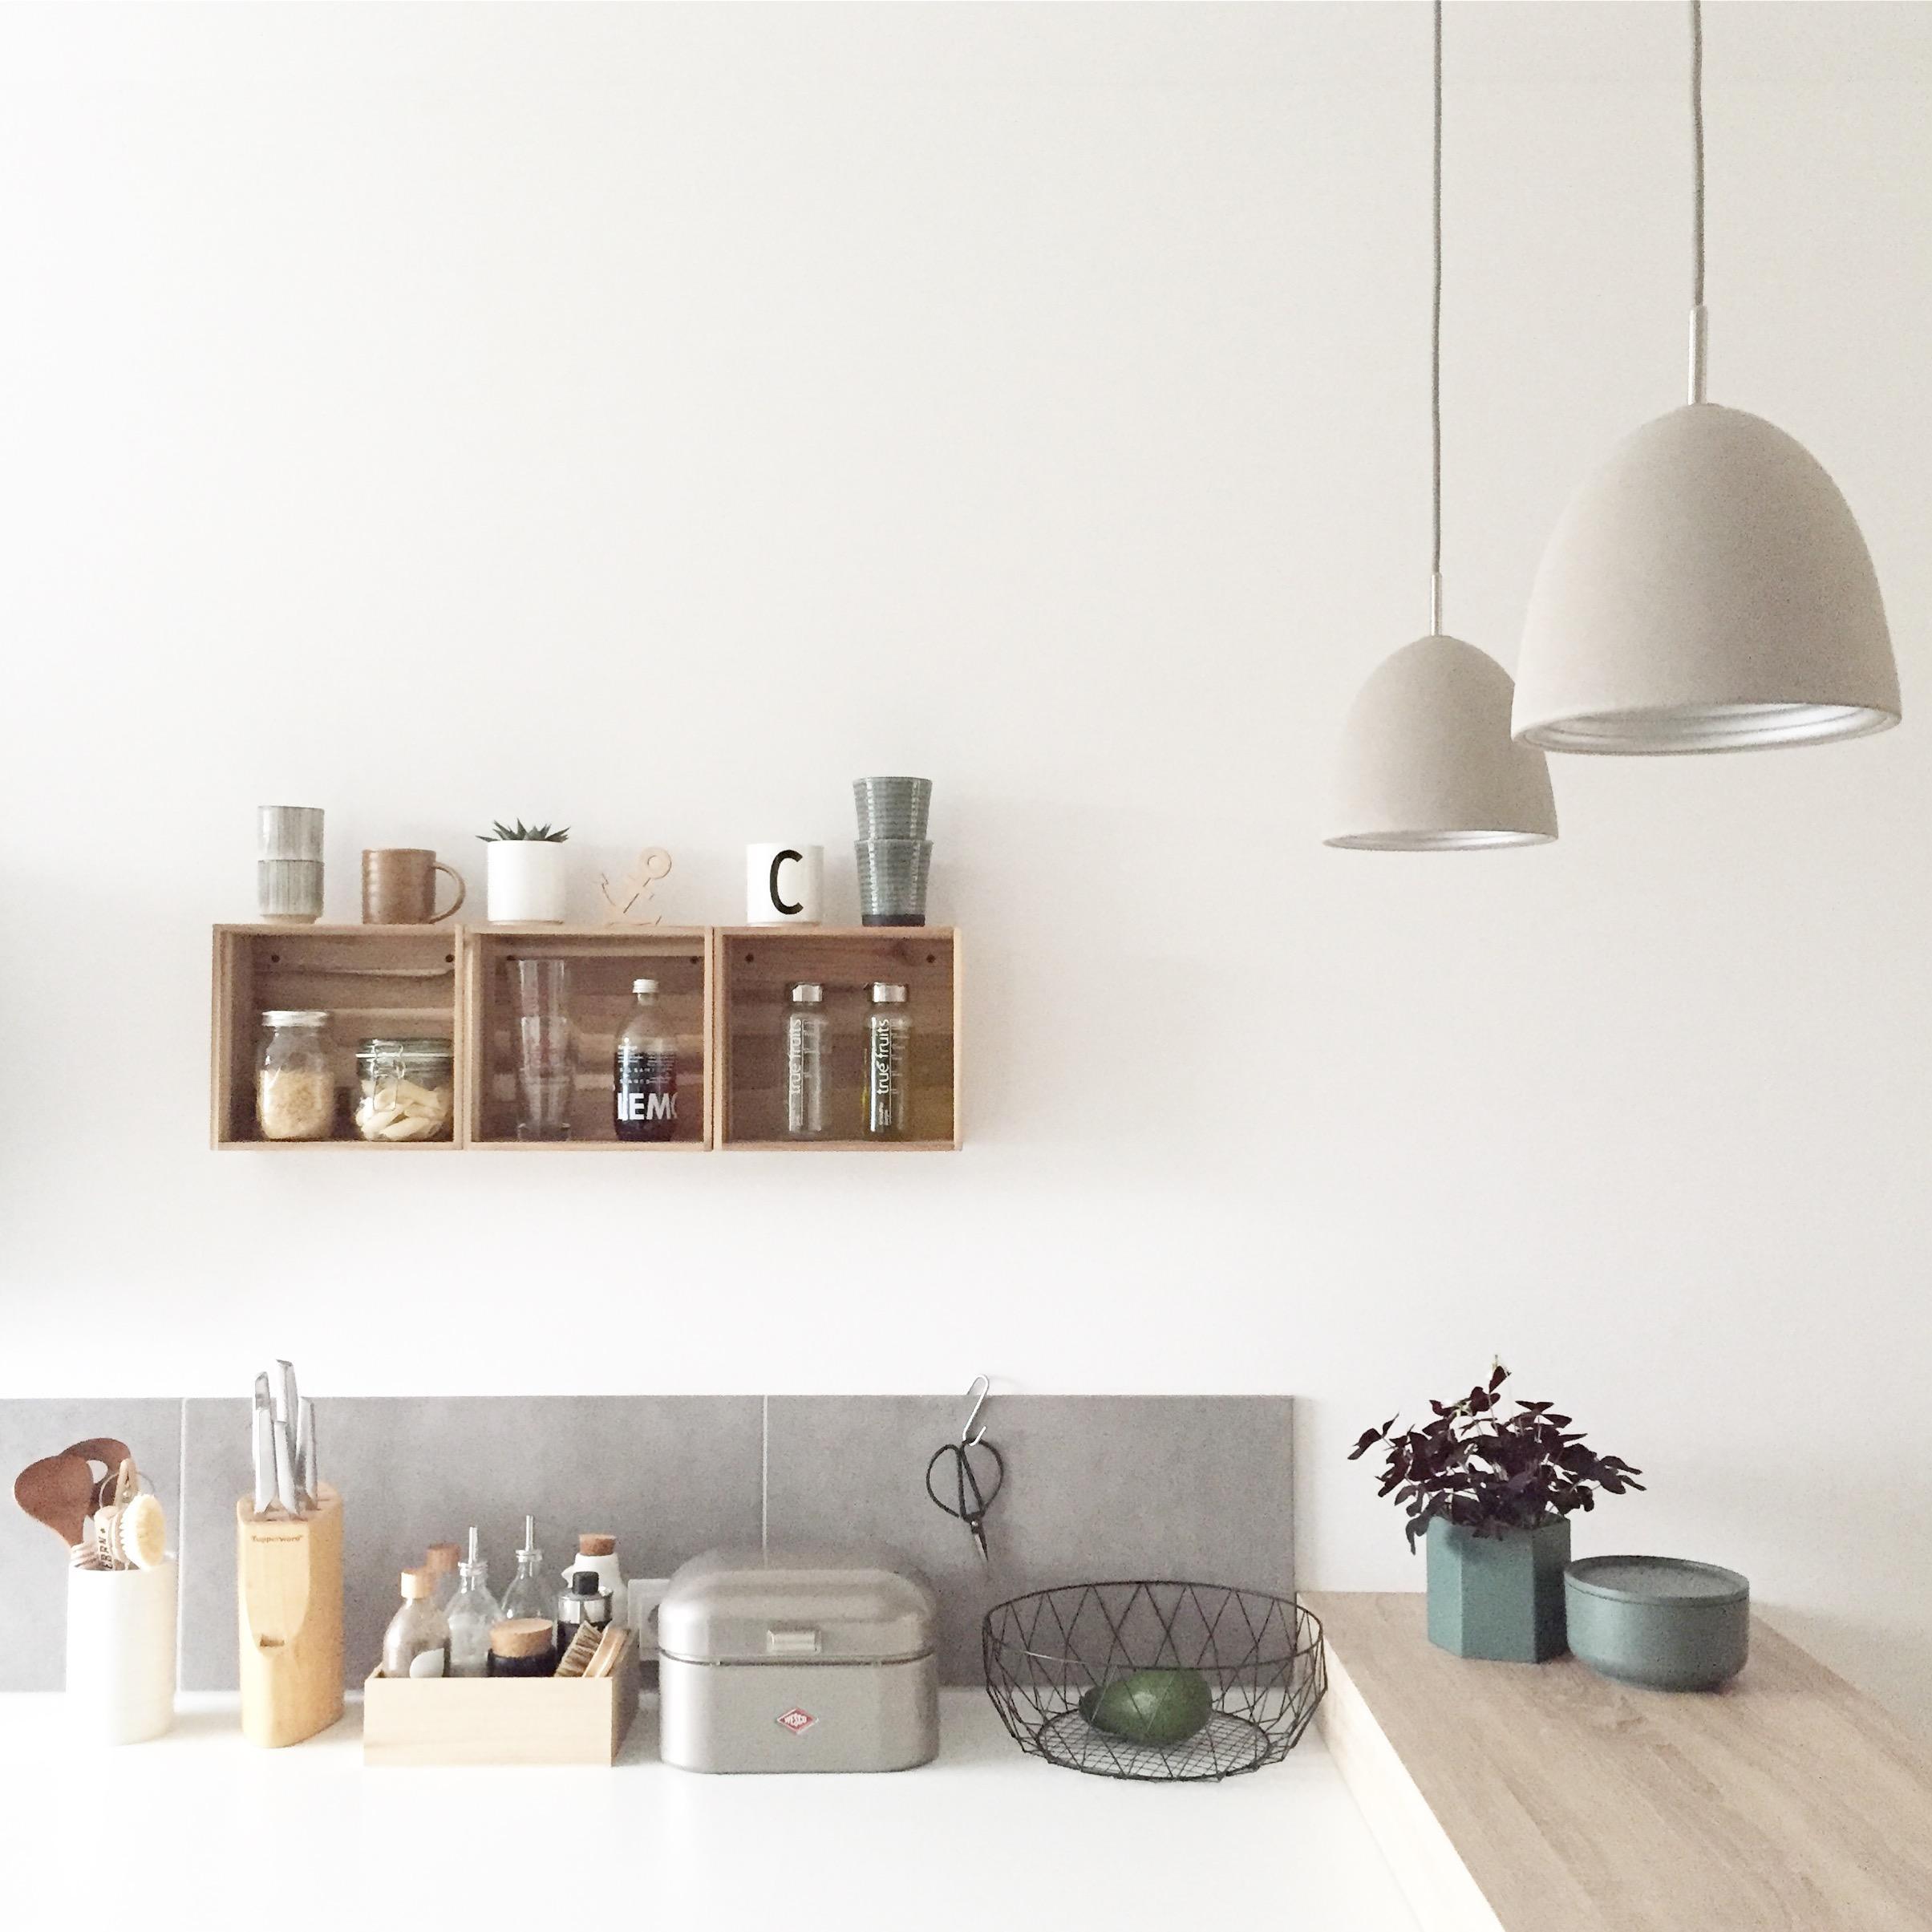 Wandregale für küche  Küchenregale • Bilder & Ideen • COUCHstyle